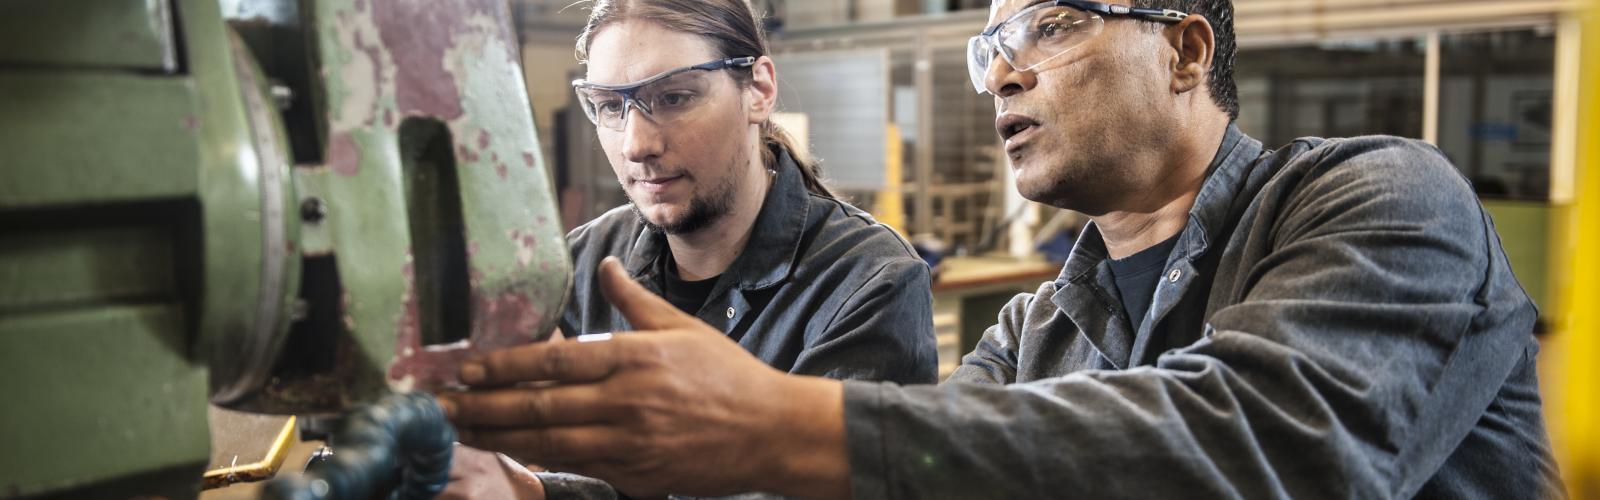 arbeiders werken aan een machine